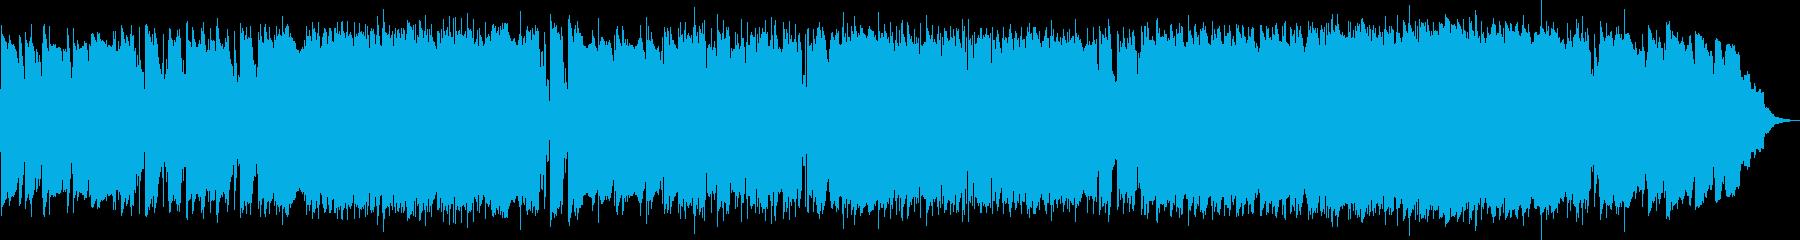 リラックスできるサマーミュージックの再生済みの波形